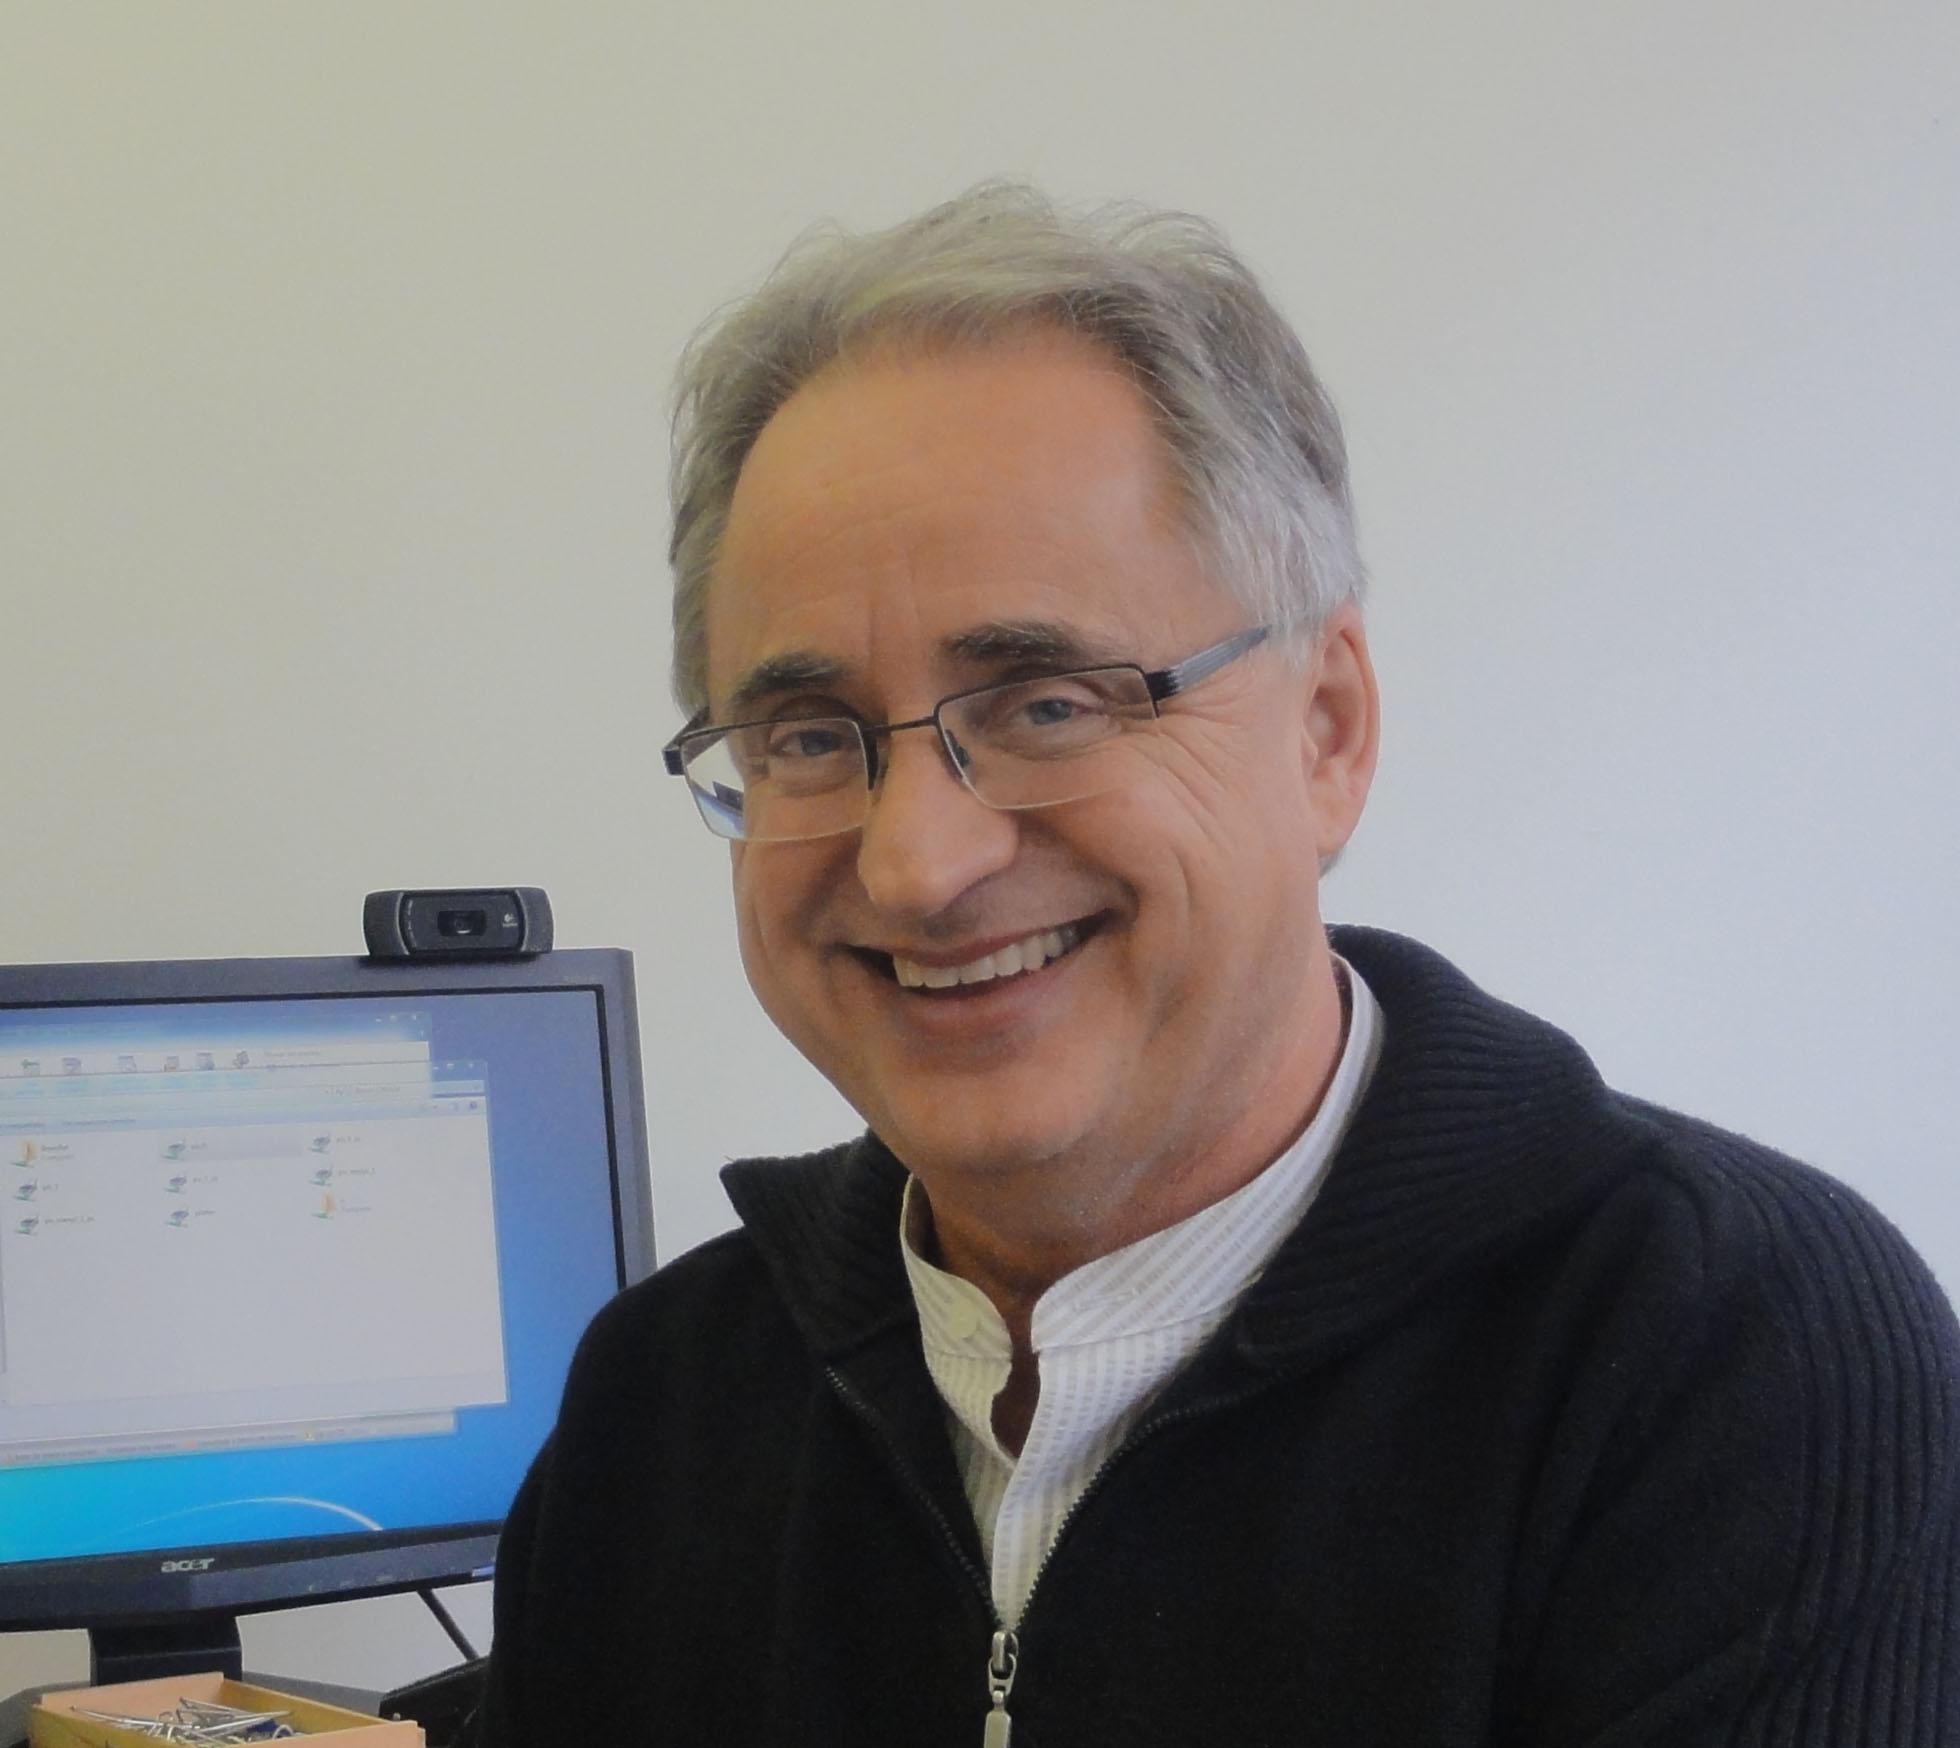 Josep Peñuelas